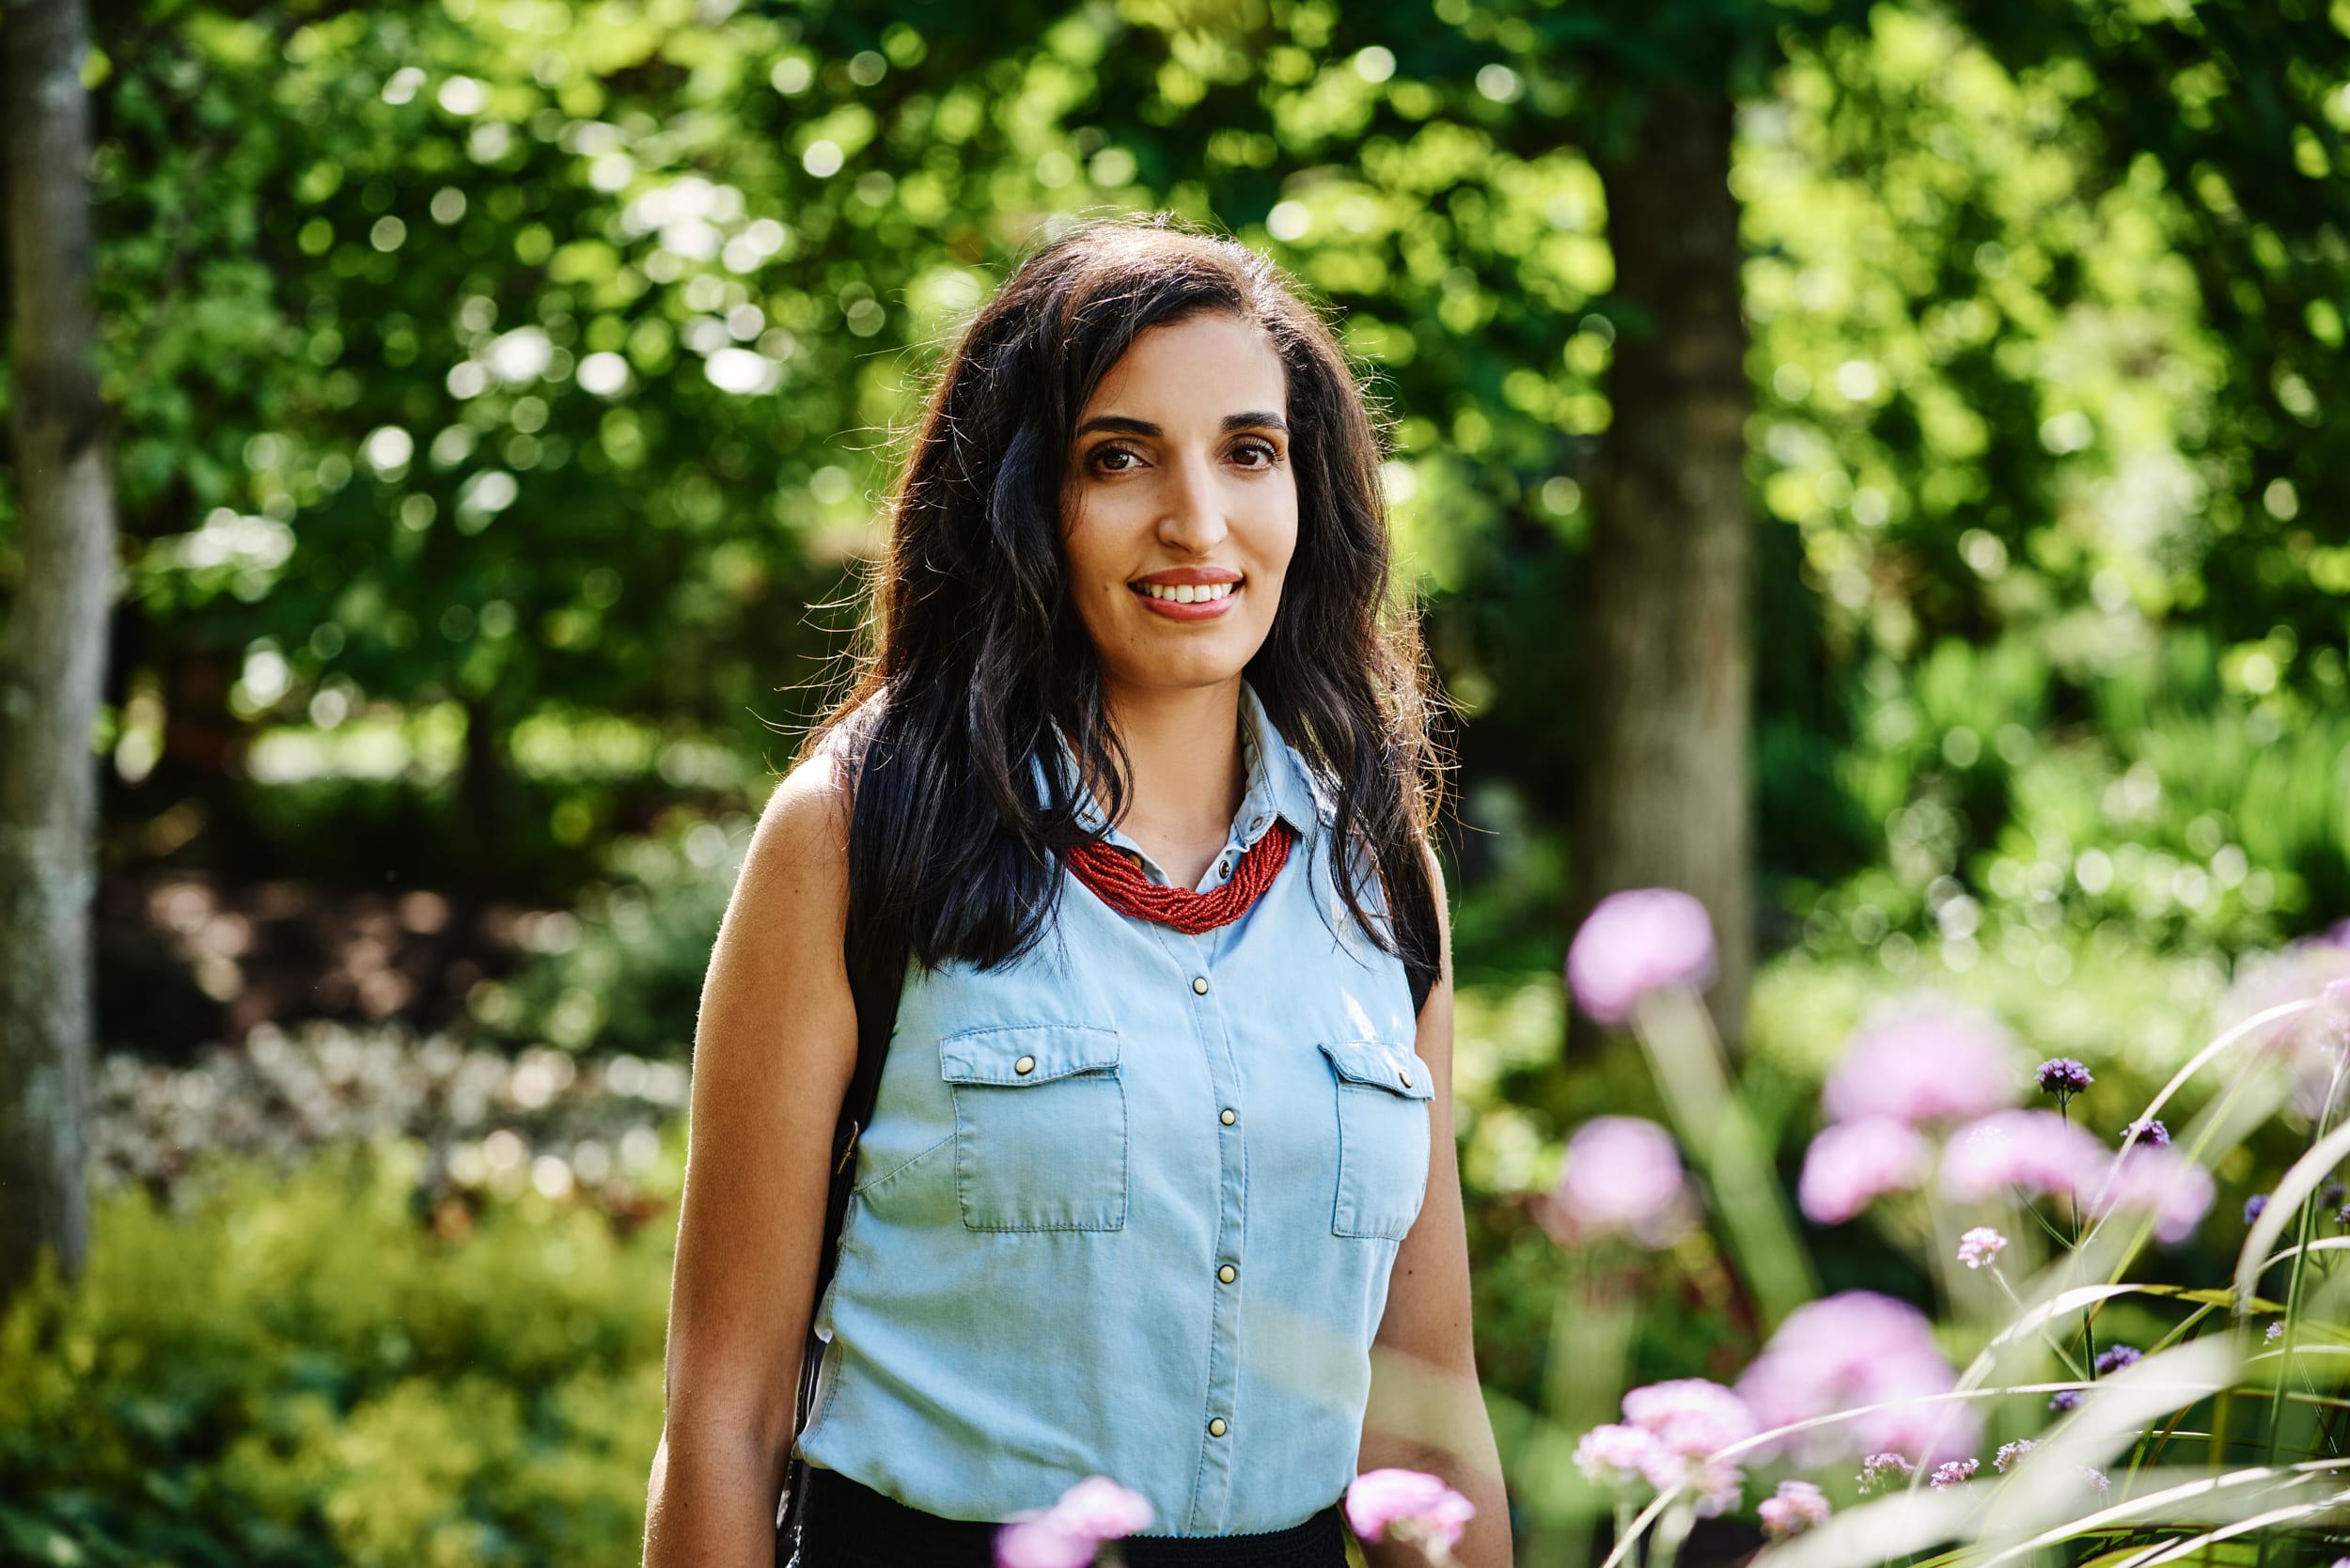 Des histoires de vie à faire rêver!  |  Lalla Fatima Zahra Mouatadid